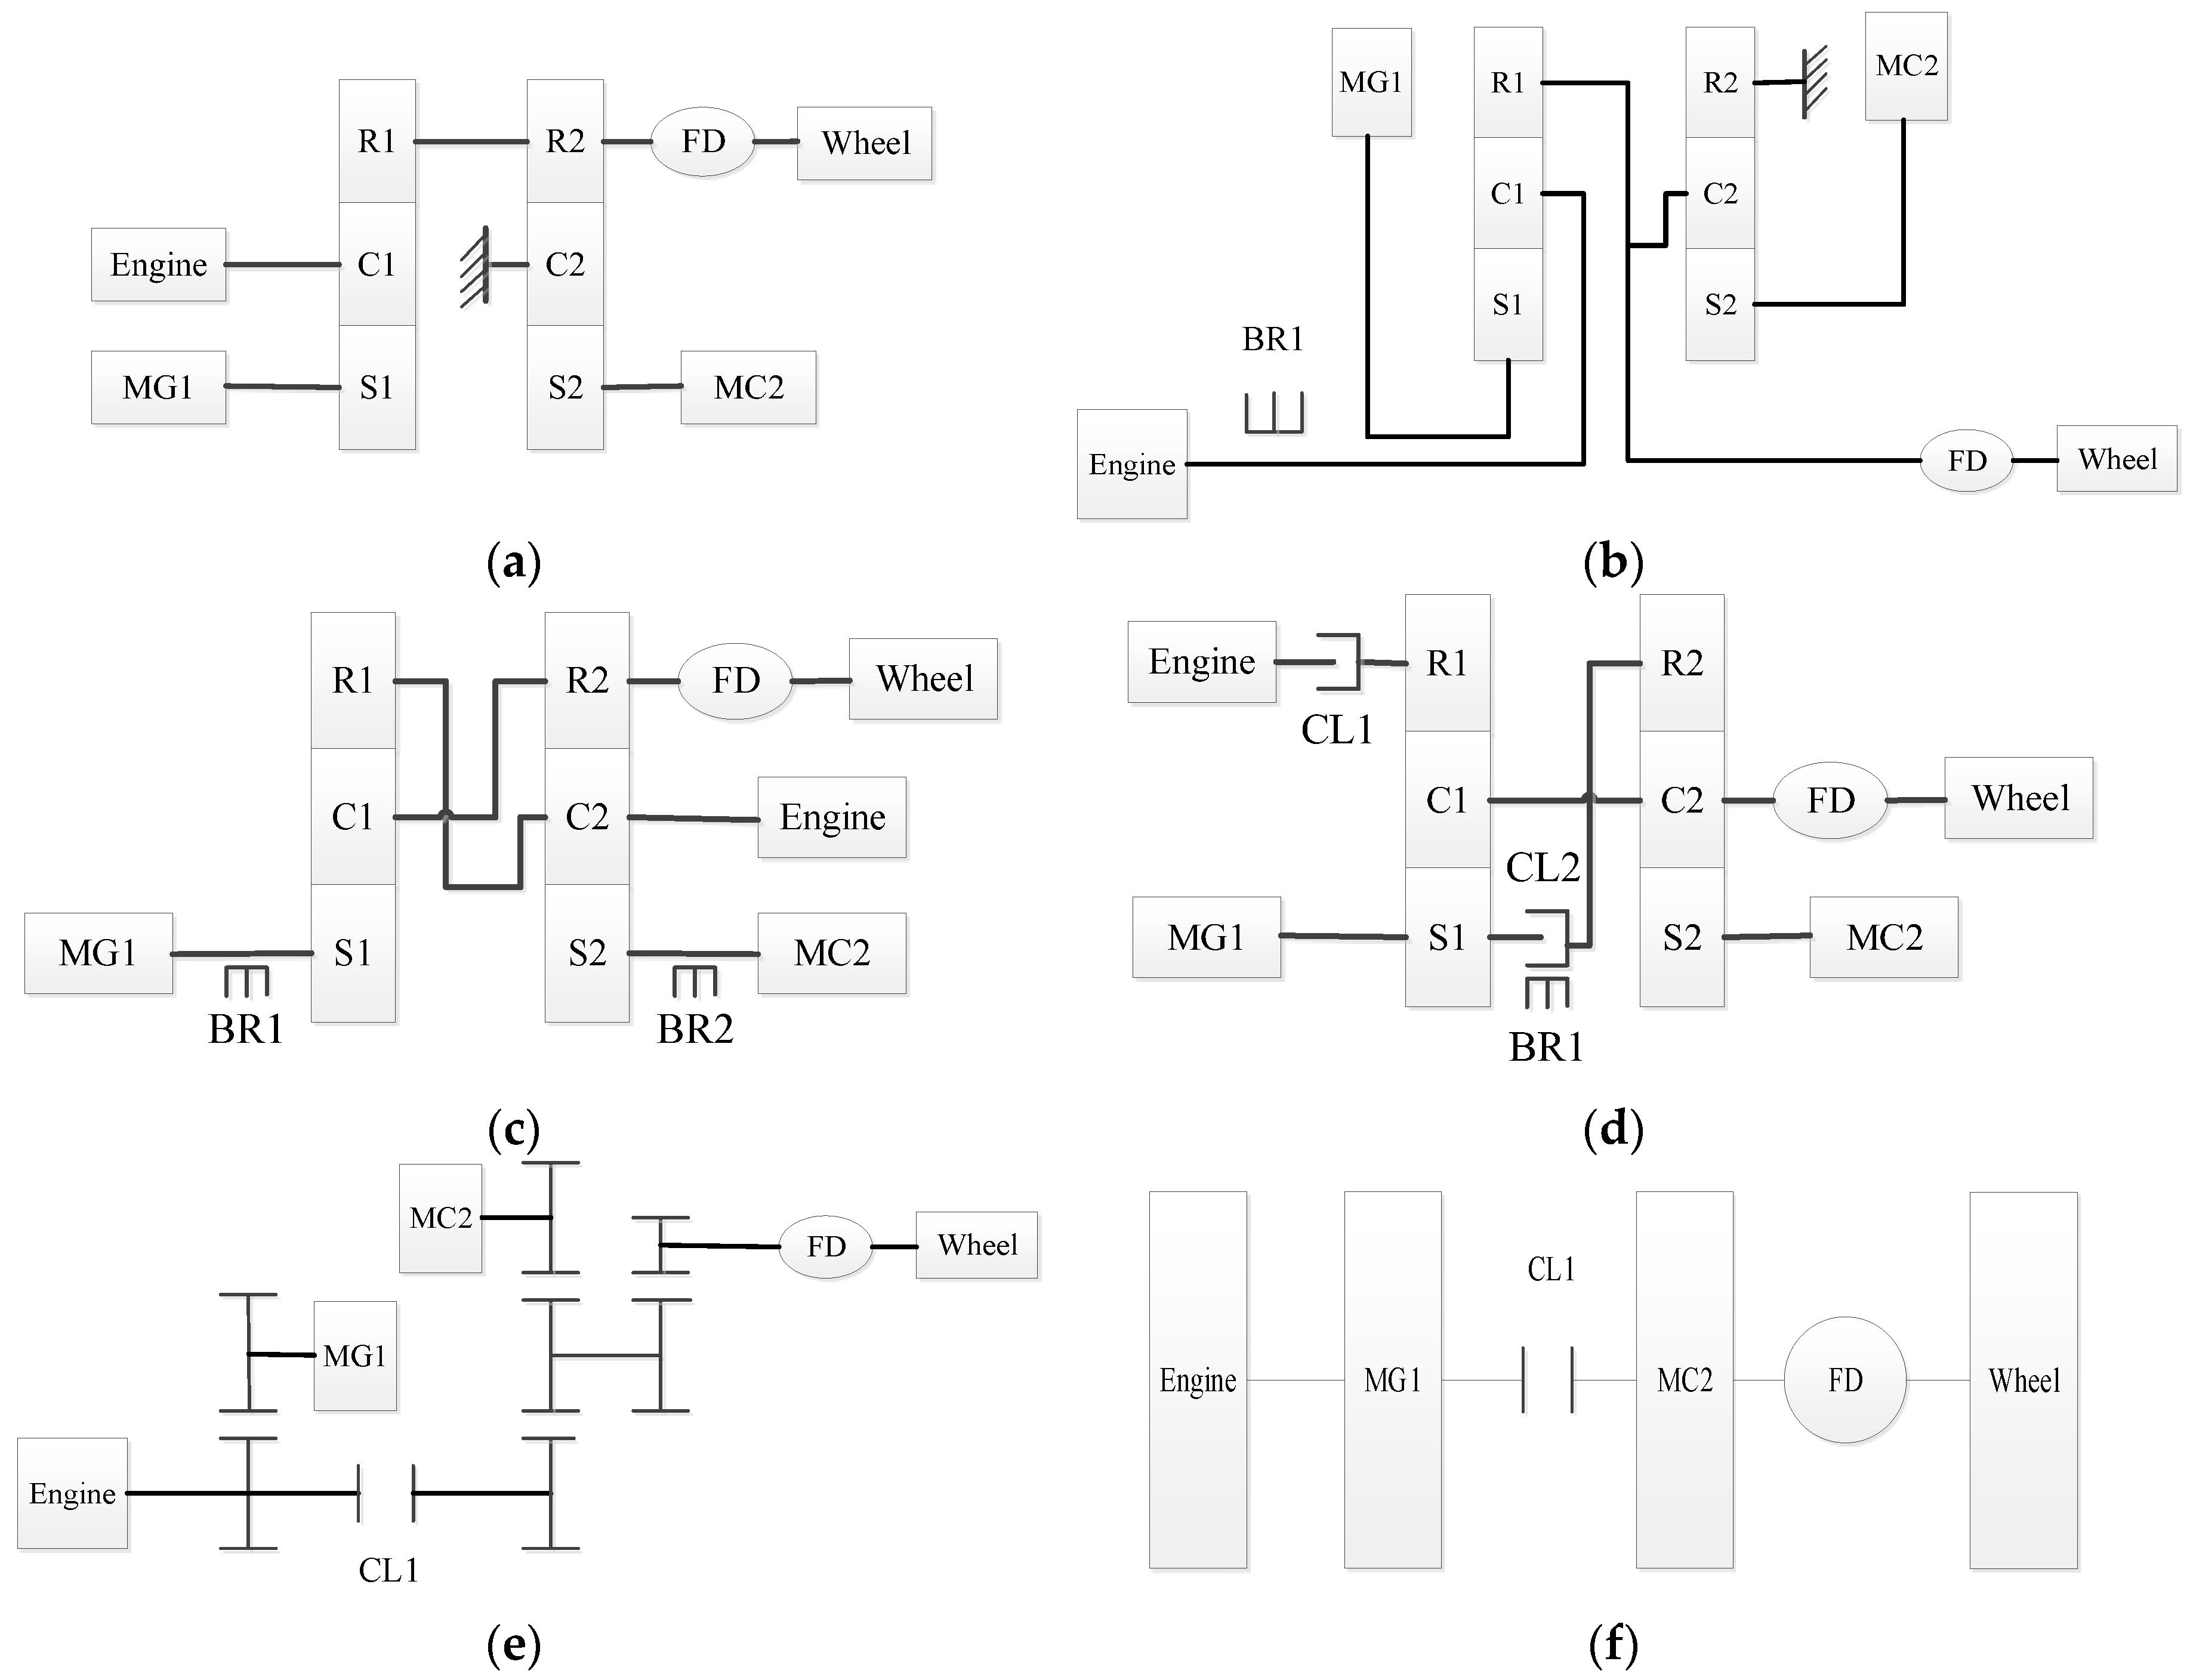 3000 Allison Transmission Wiring Diagram 6510666190 Car 1000 4000 Electrical Rh Cytrus Co Parts